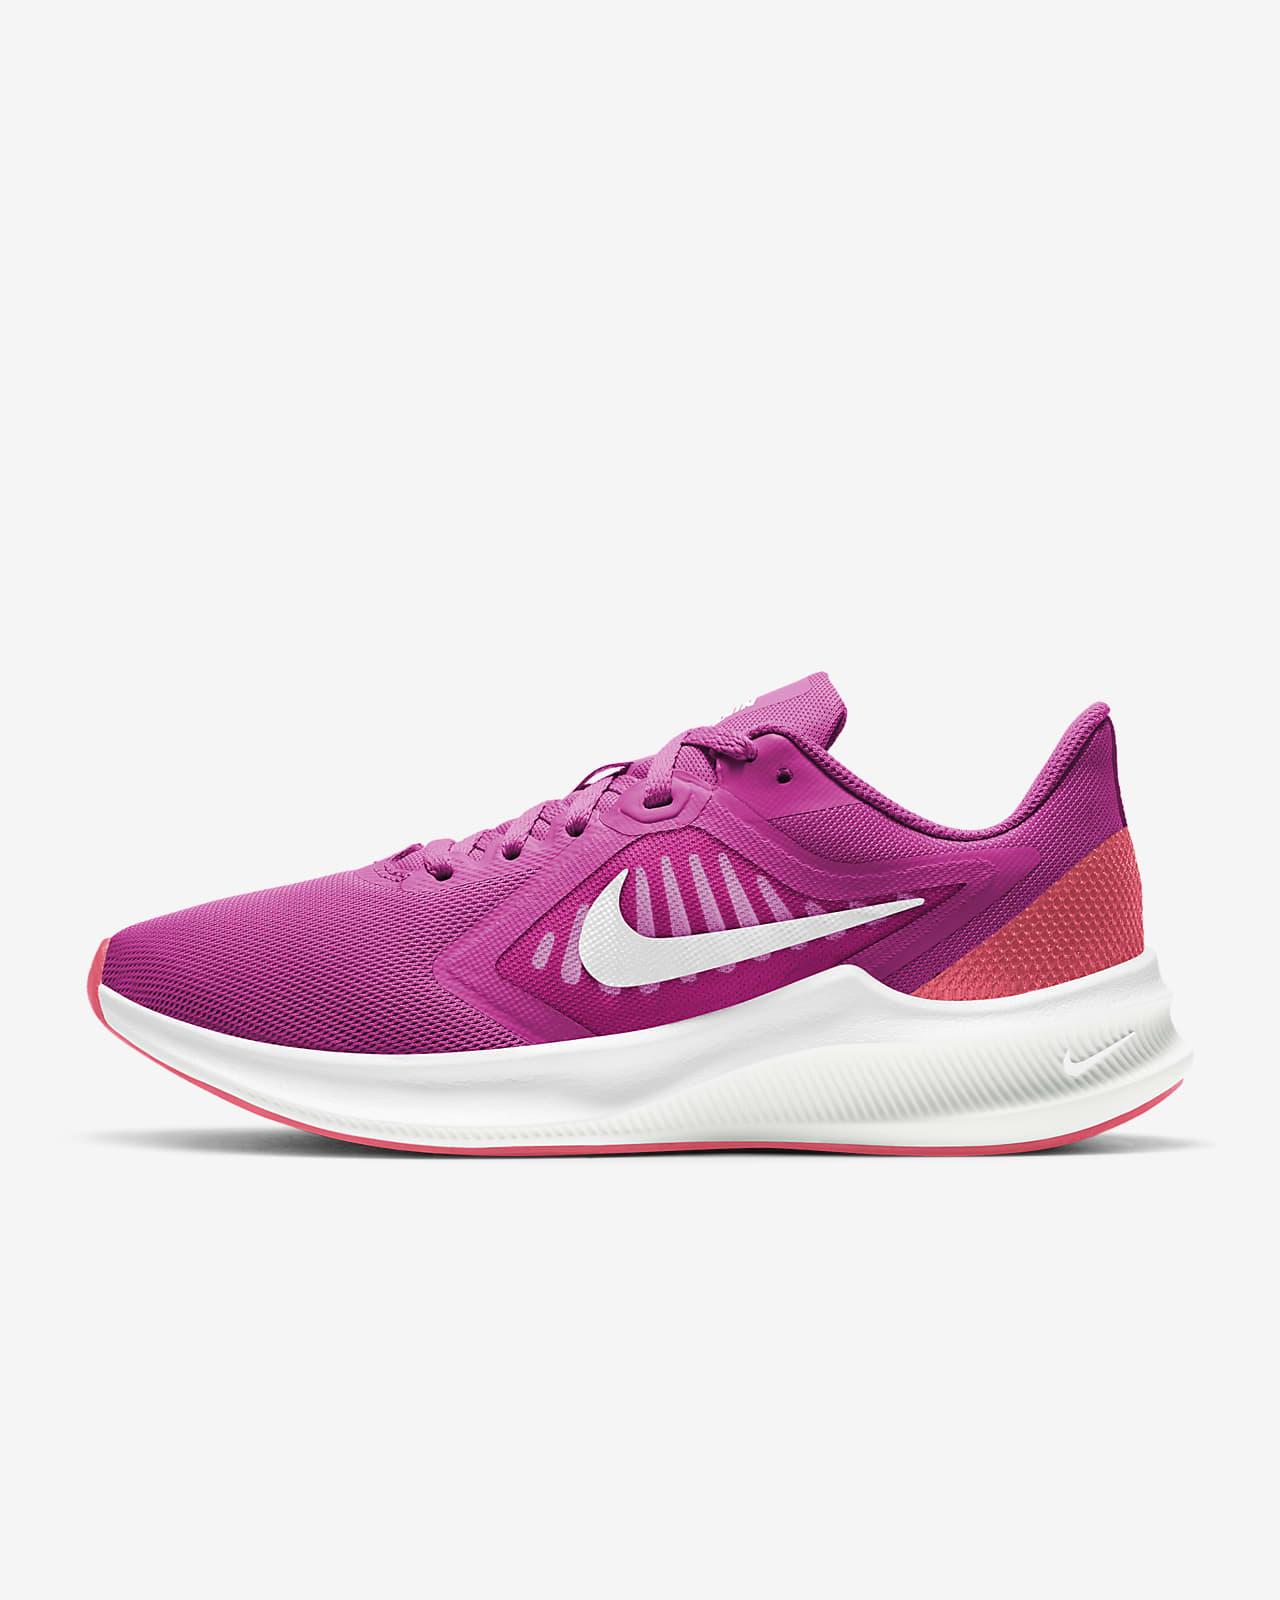 Calzado de running para carretera para mujer Nike Downshifter 10